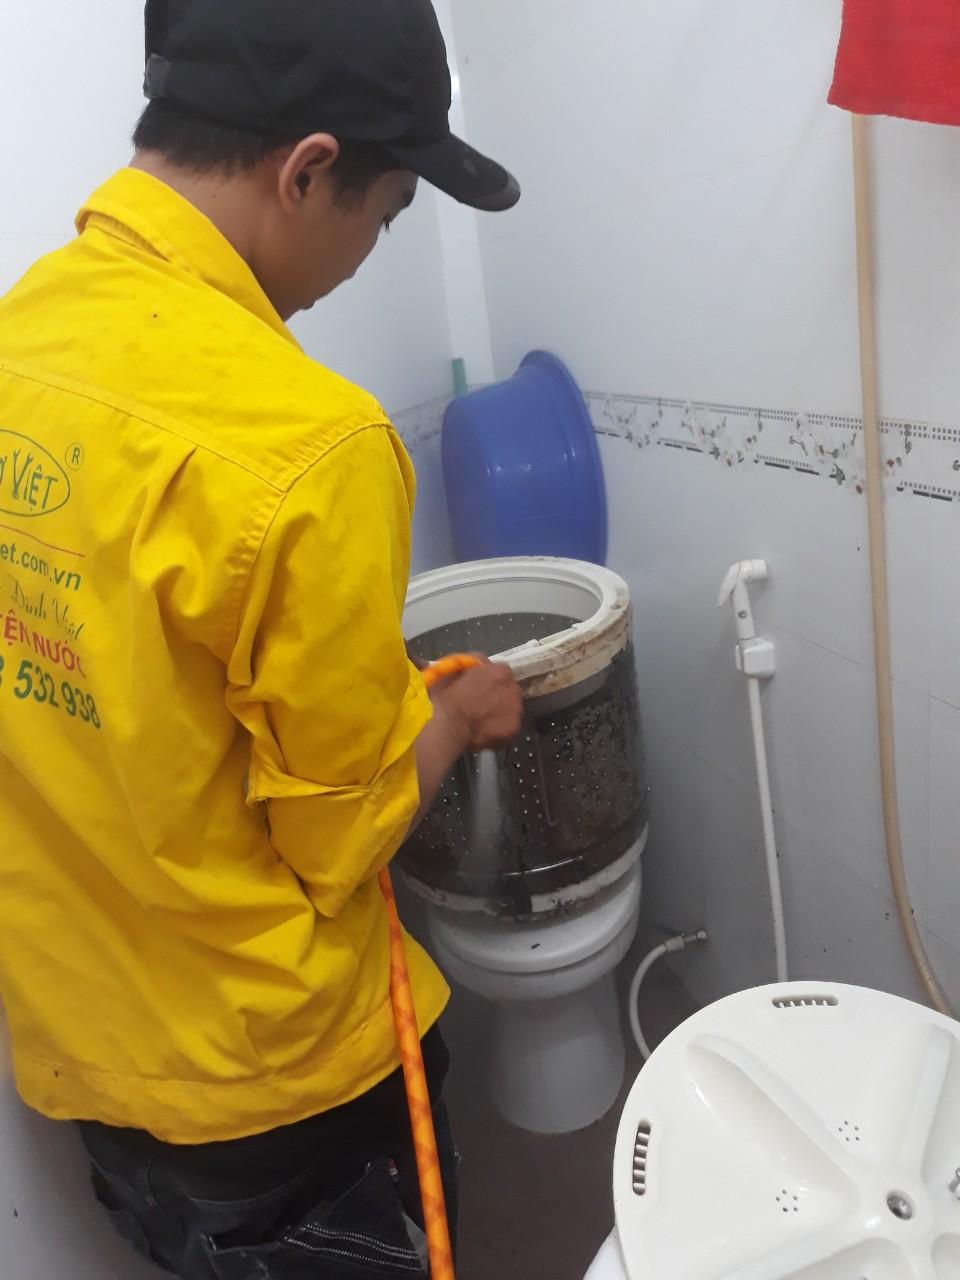 Dịch vụ vệ sinh máy giặt tại nhà giá rẻ, Thợ vệ sinh máy giặt tại nhà